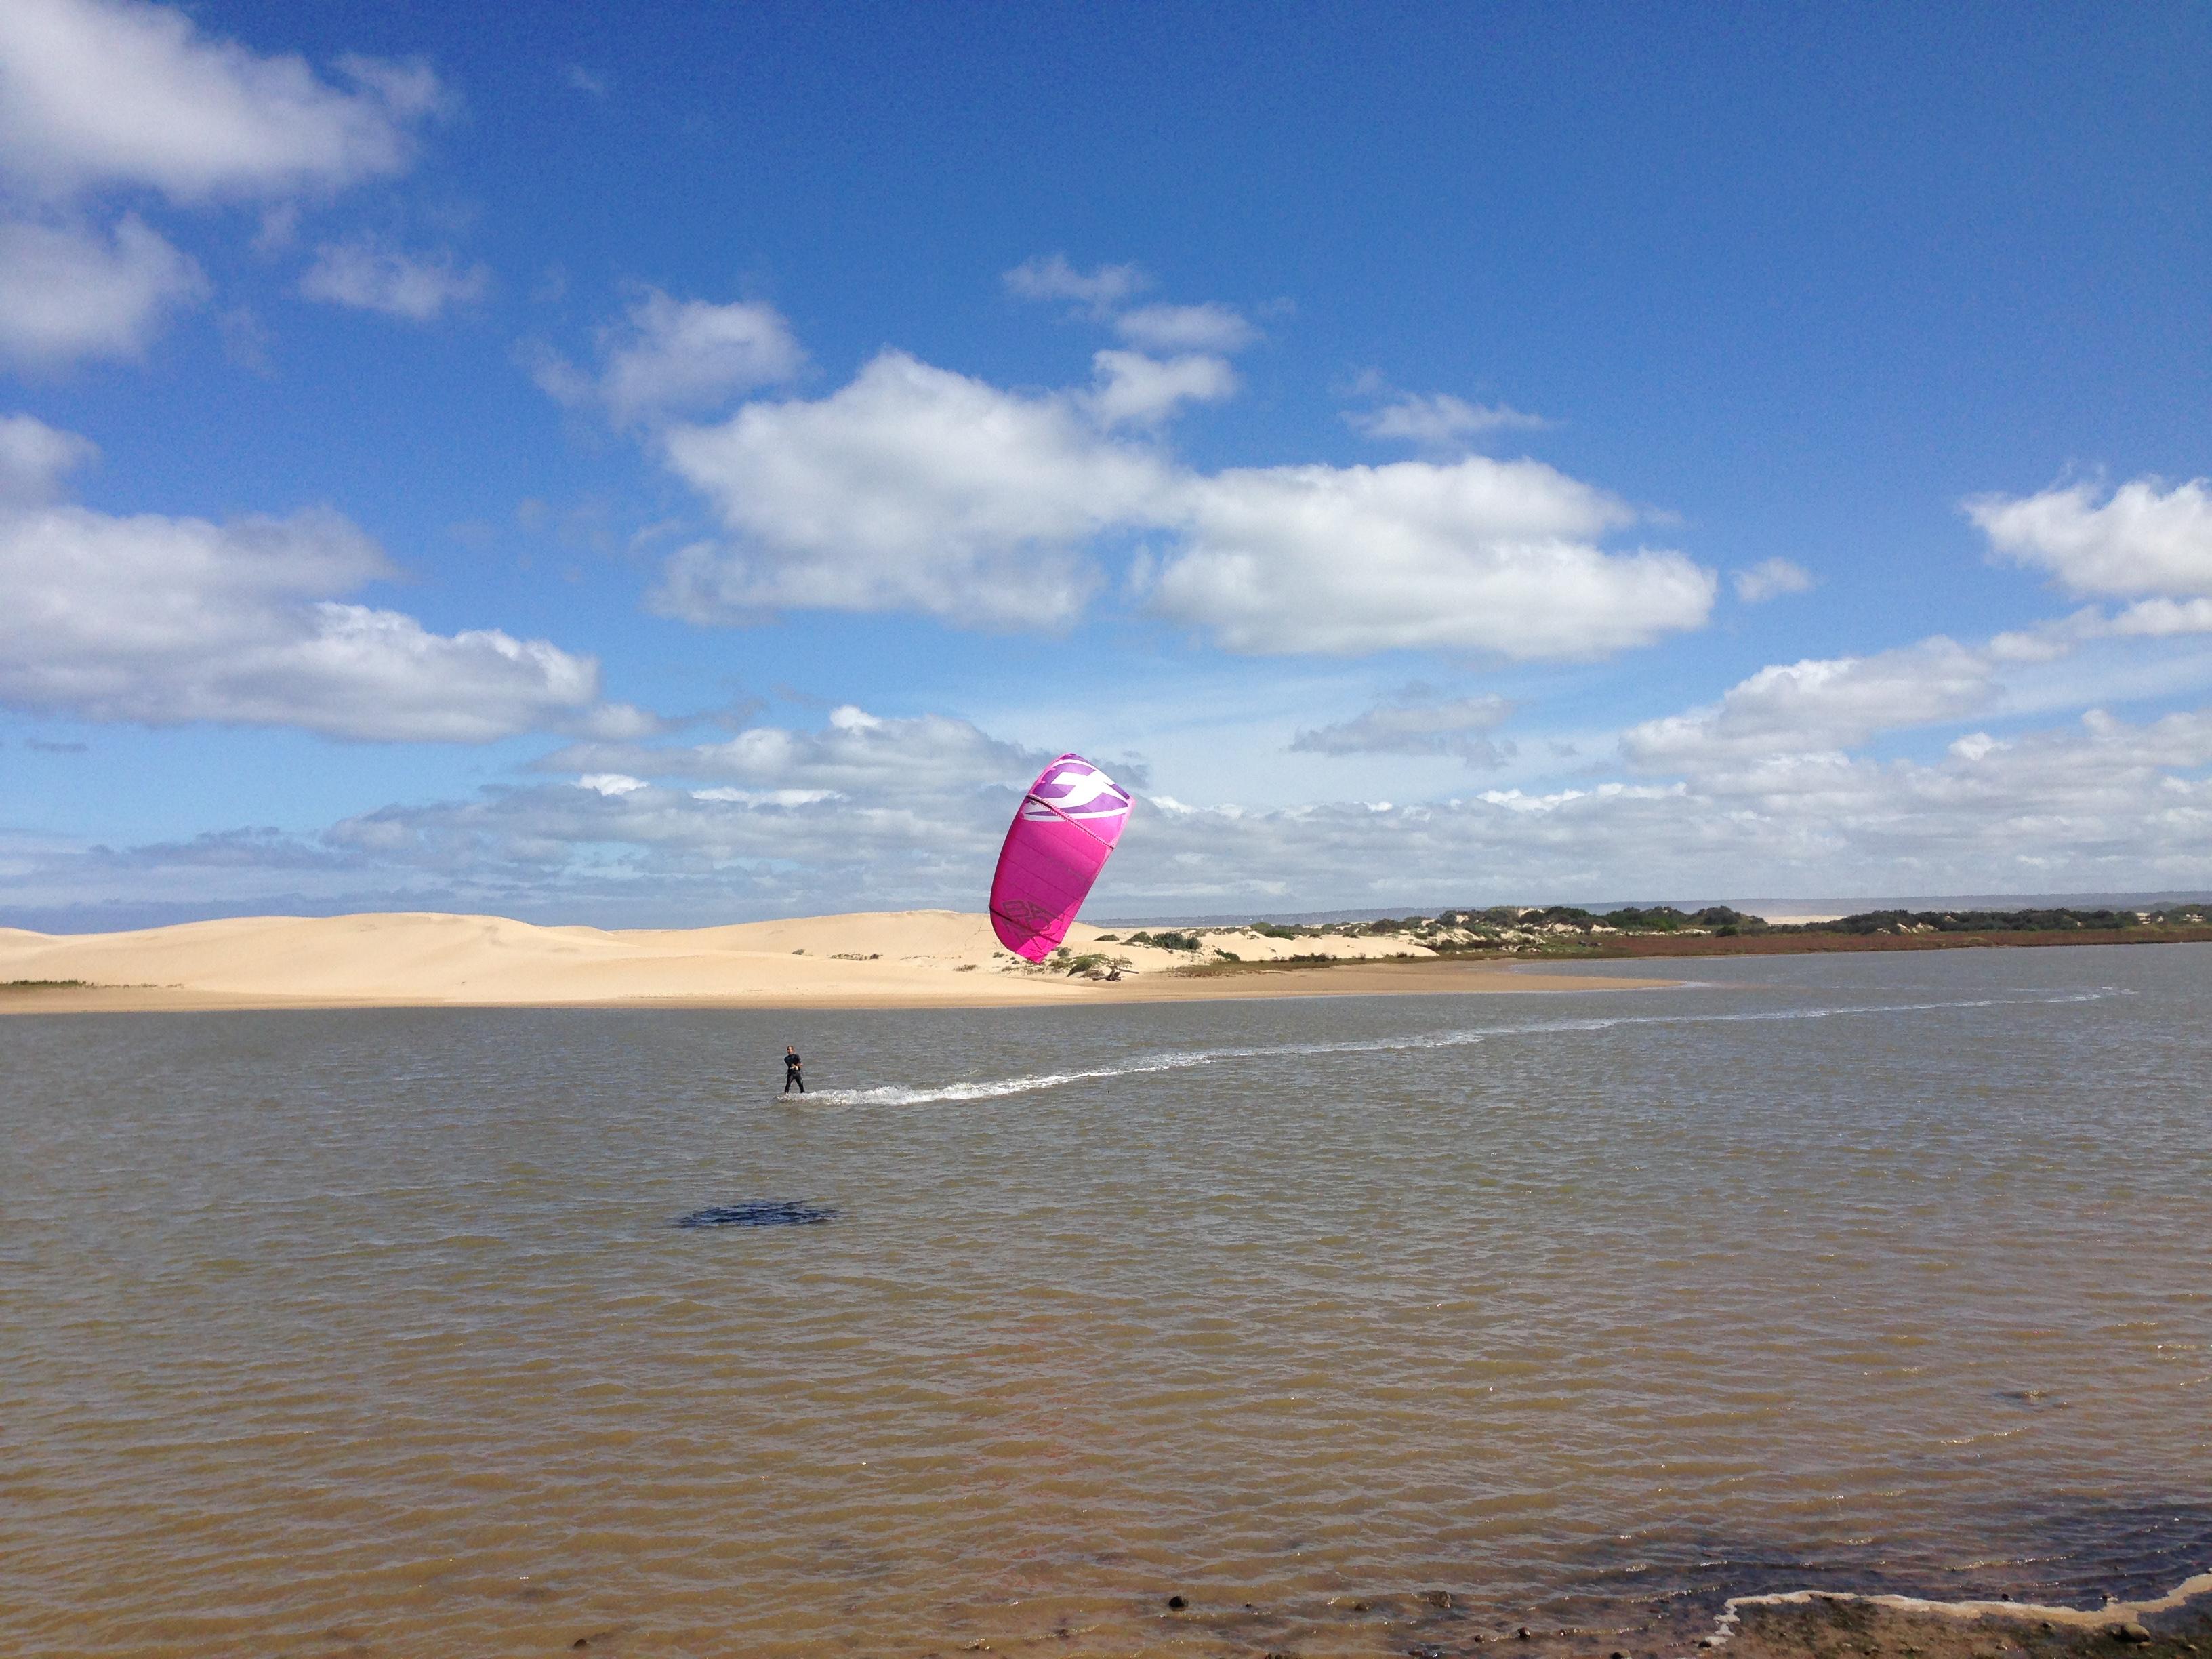 Swing Kiteboarding - Gamtoos 5